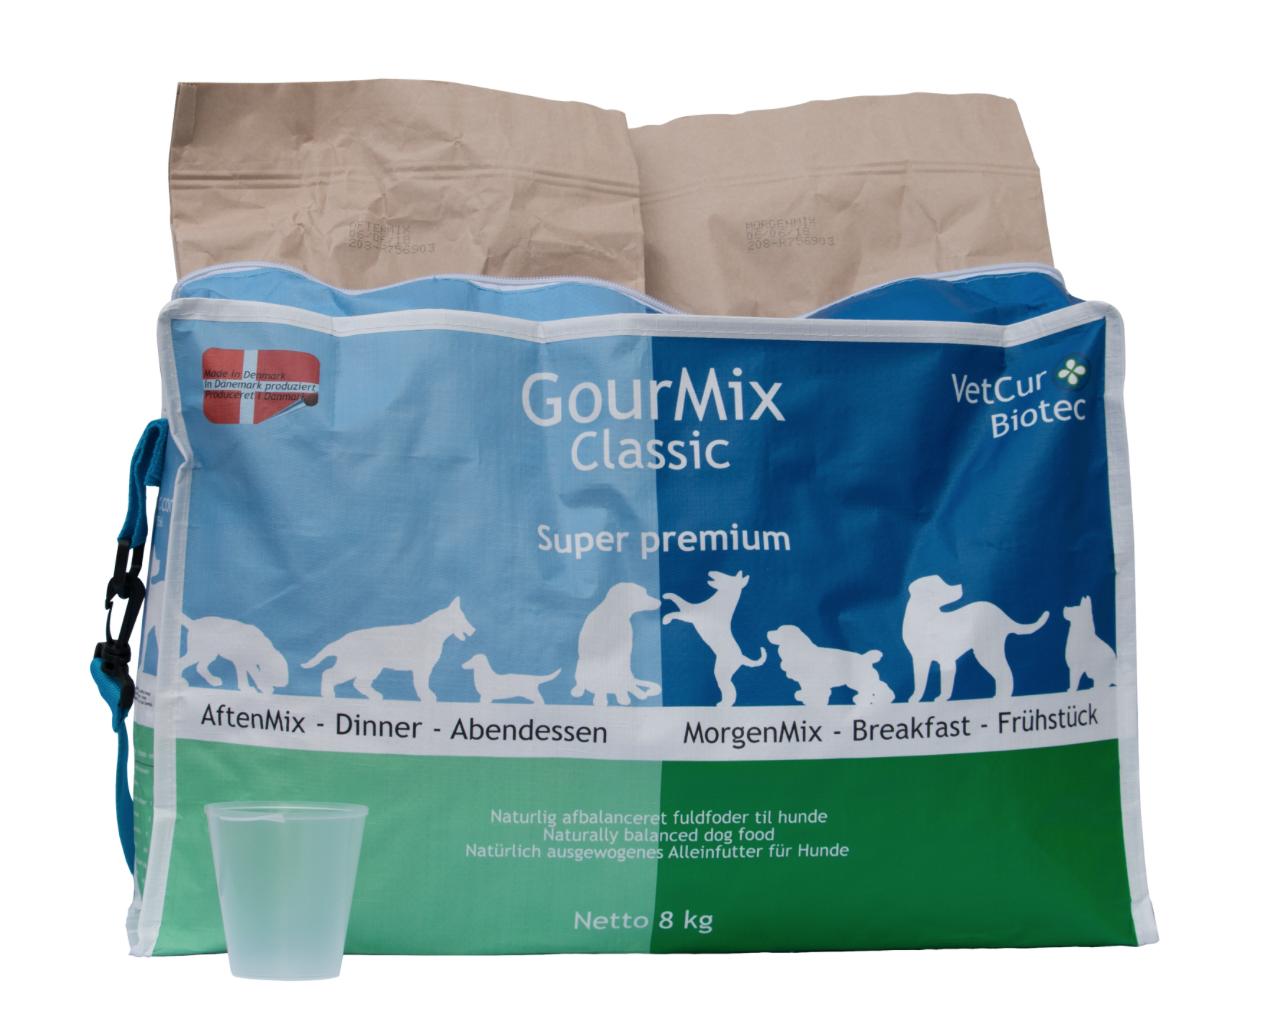 Image of   GourMix Classic tørfoder fra VetCur - 8 kg - BEMÆRK FRAGTFRI LEVERING